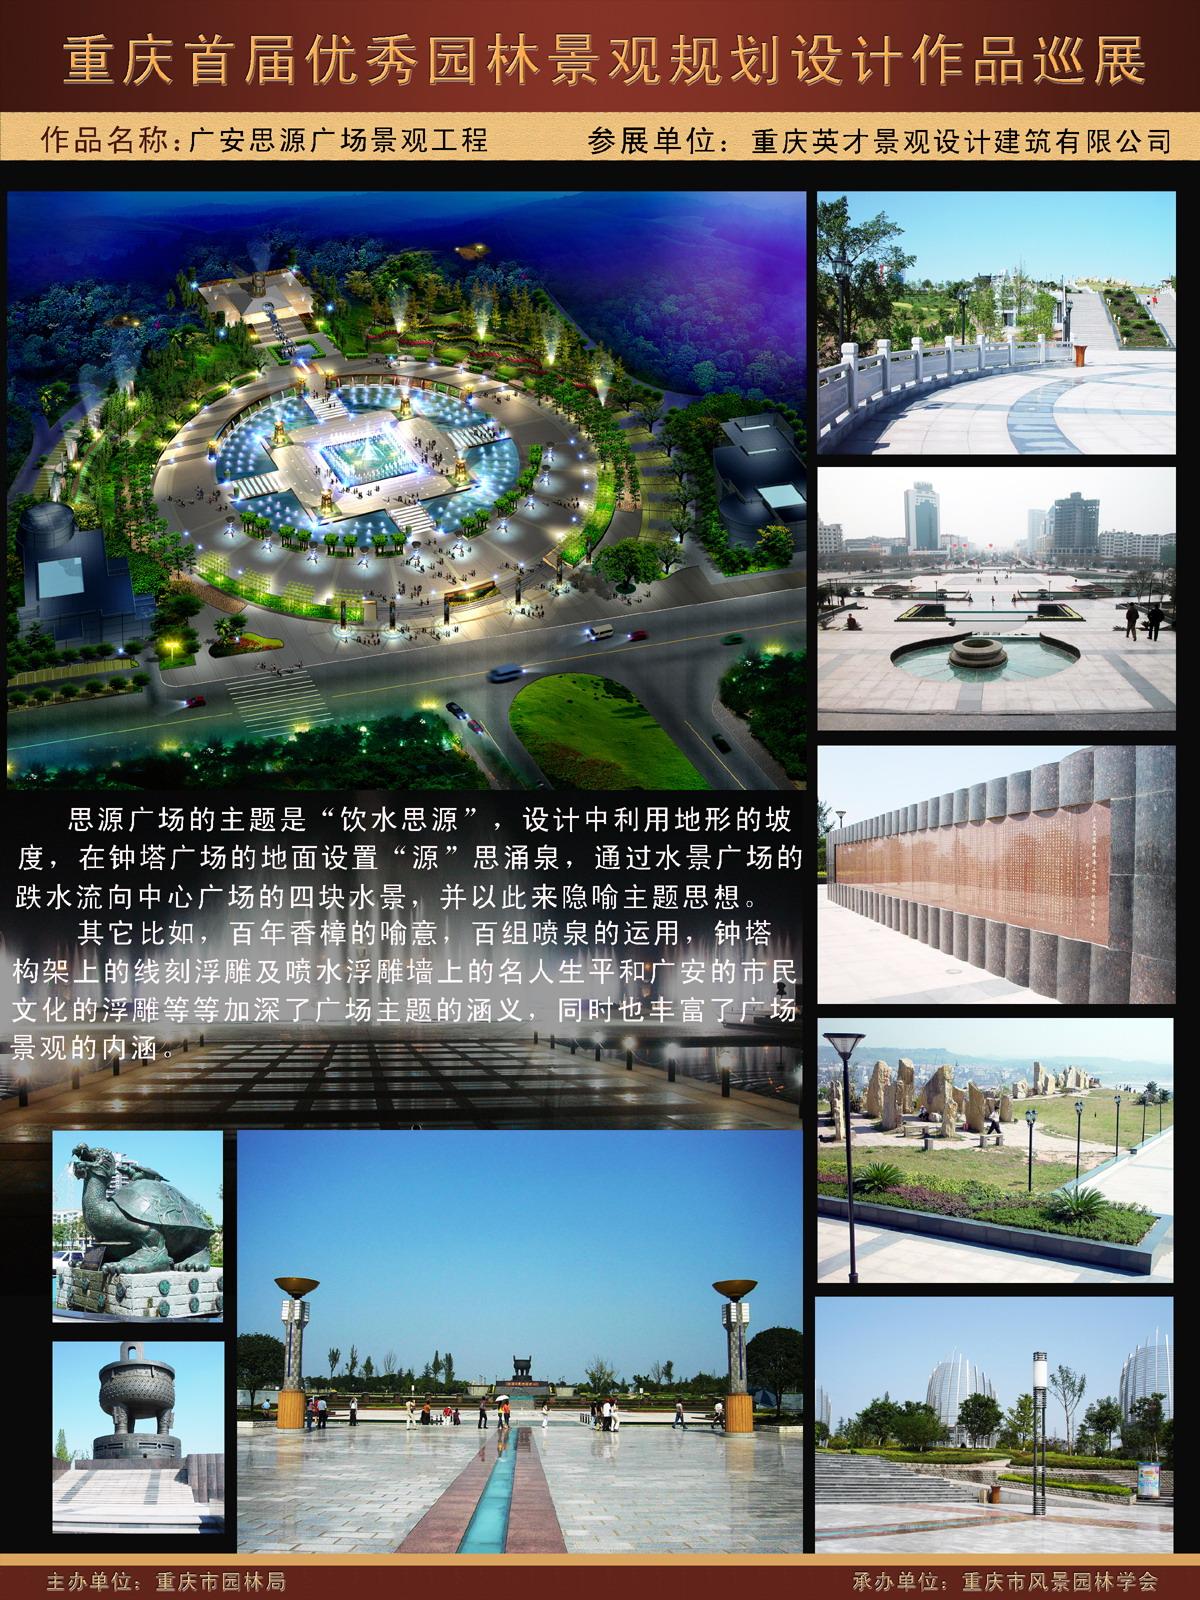 廣安思源廣場景觀設計——重慶風景園林網